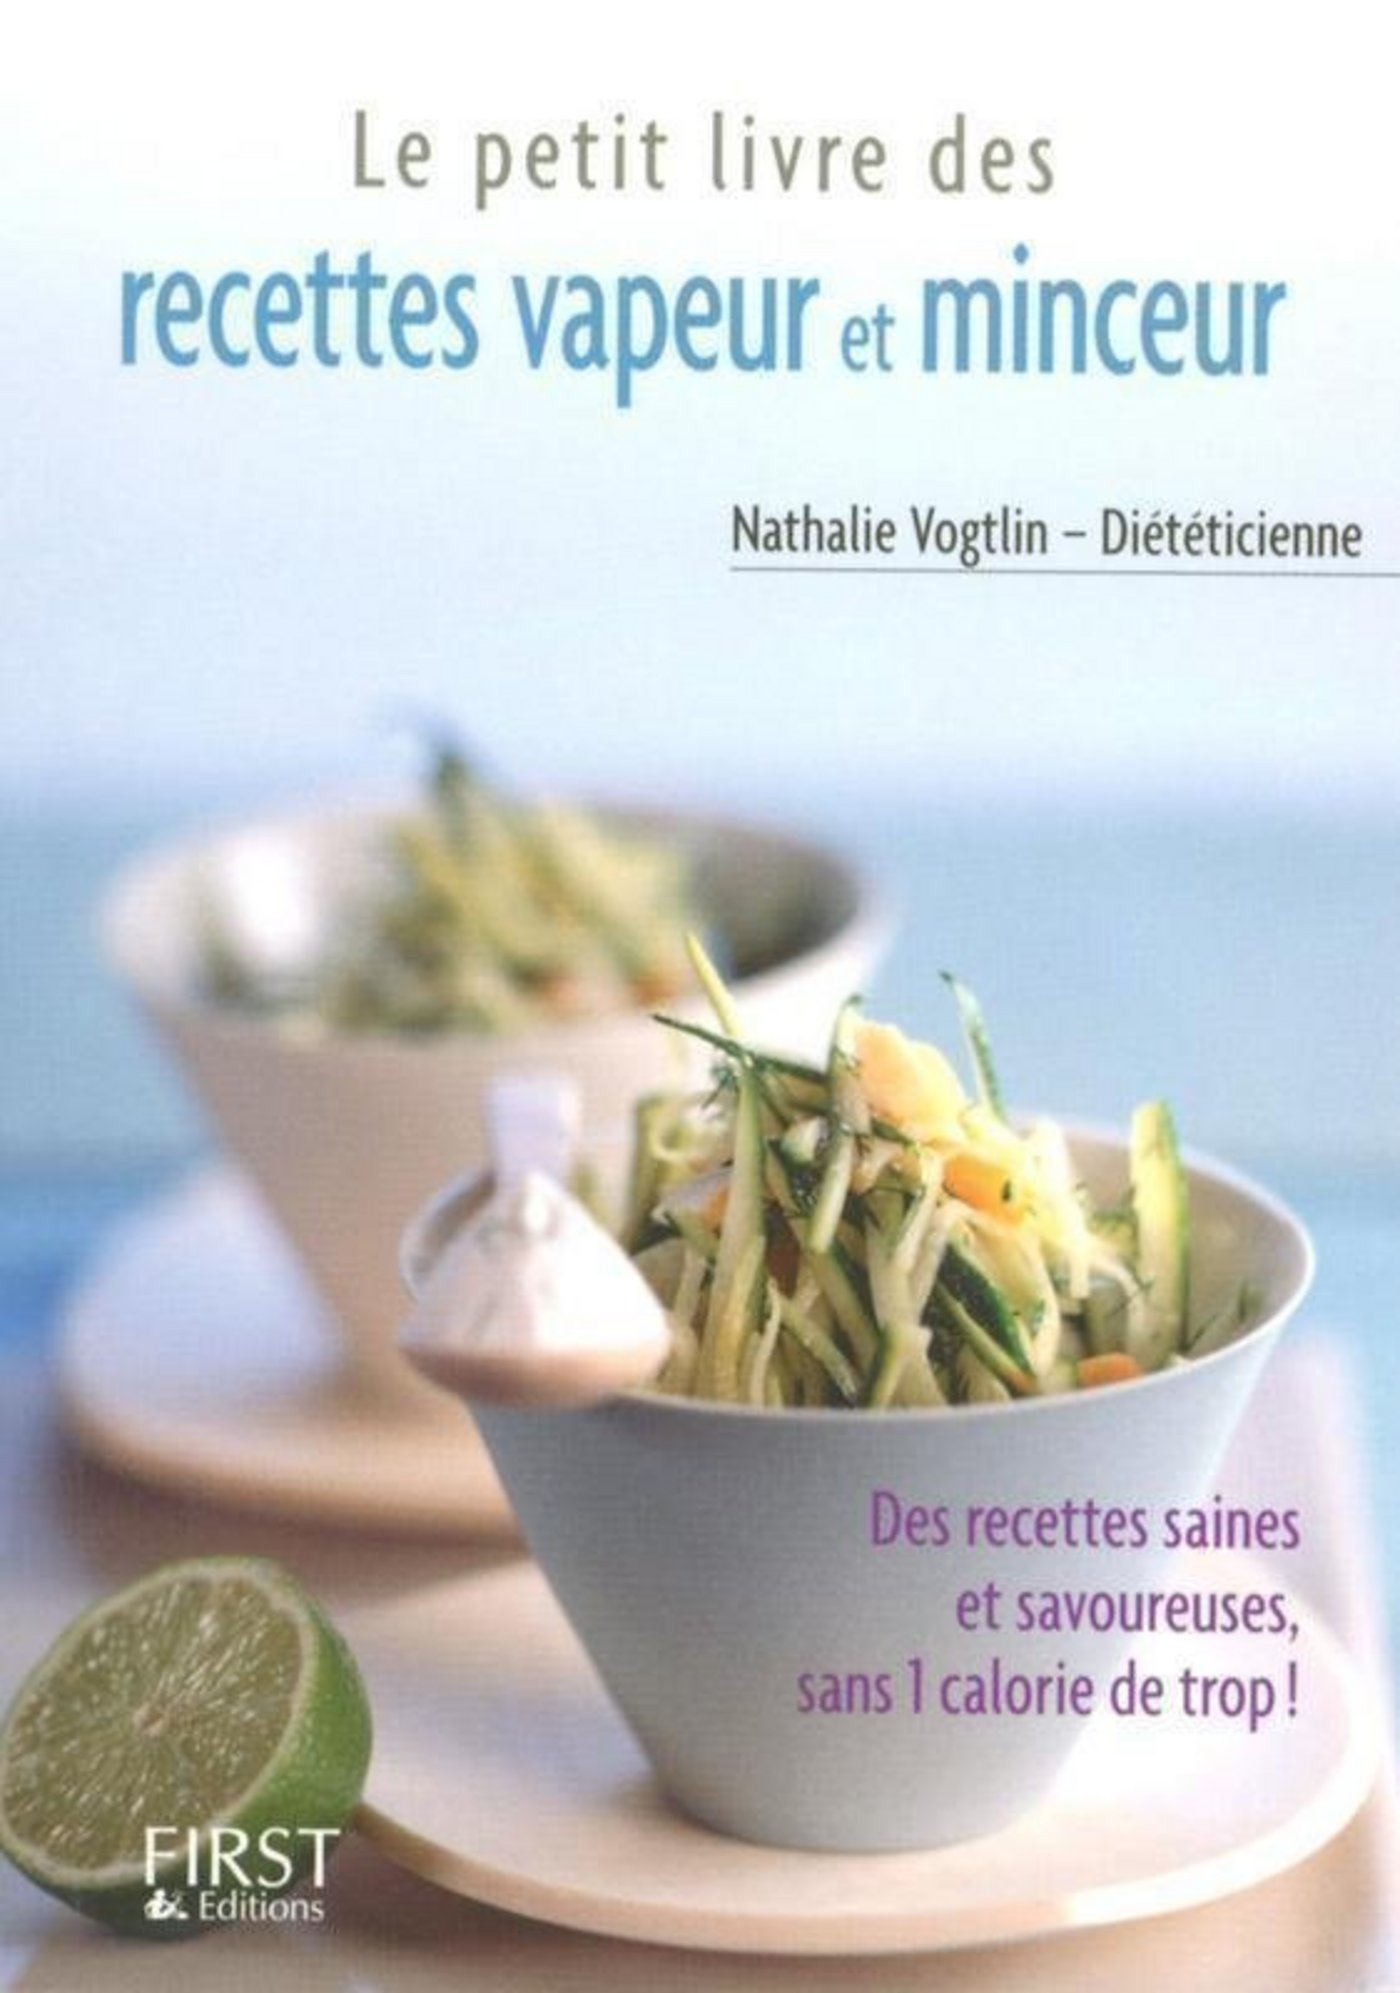 le petit livre de recettes vapeur minceur nathalie vogtlin cuisine et vins. Black Bedroom Furniture Sets. Home Design Ideas